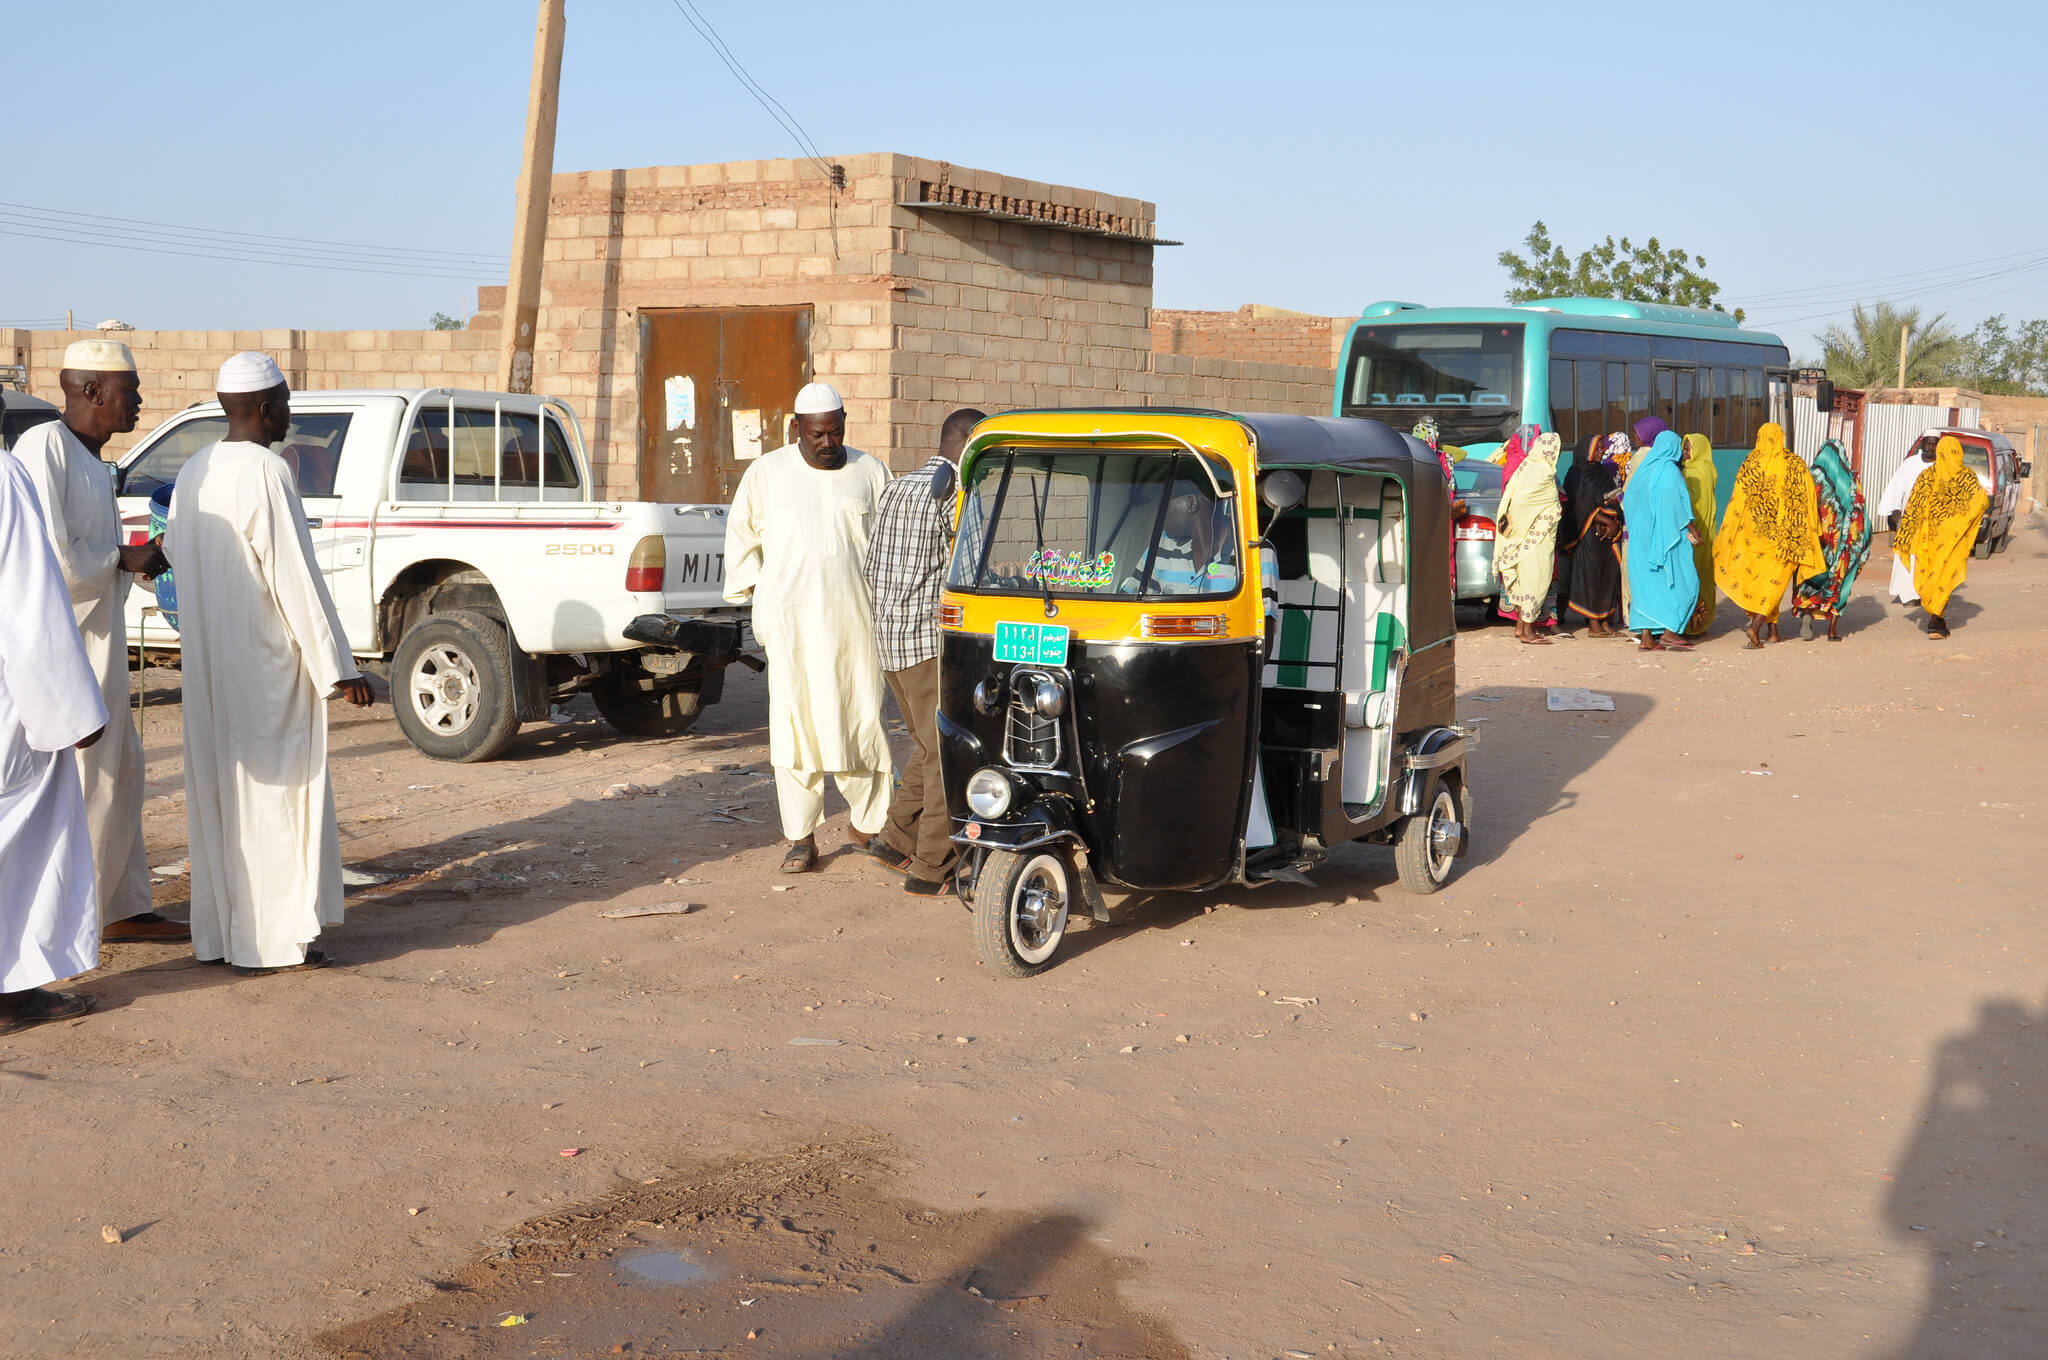 Khartoum incontri Maryland Live Speed incontri